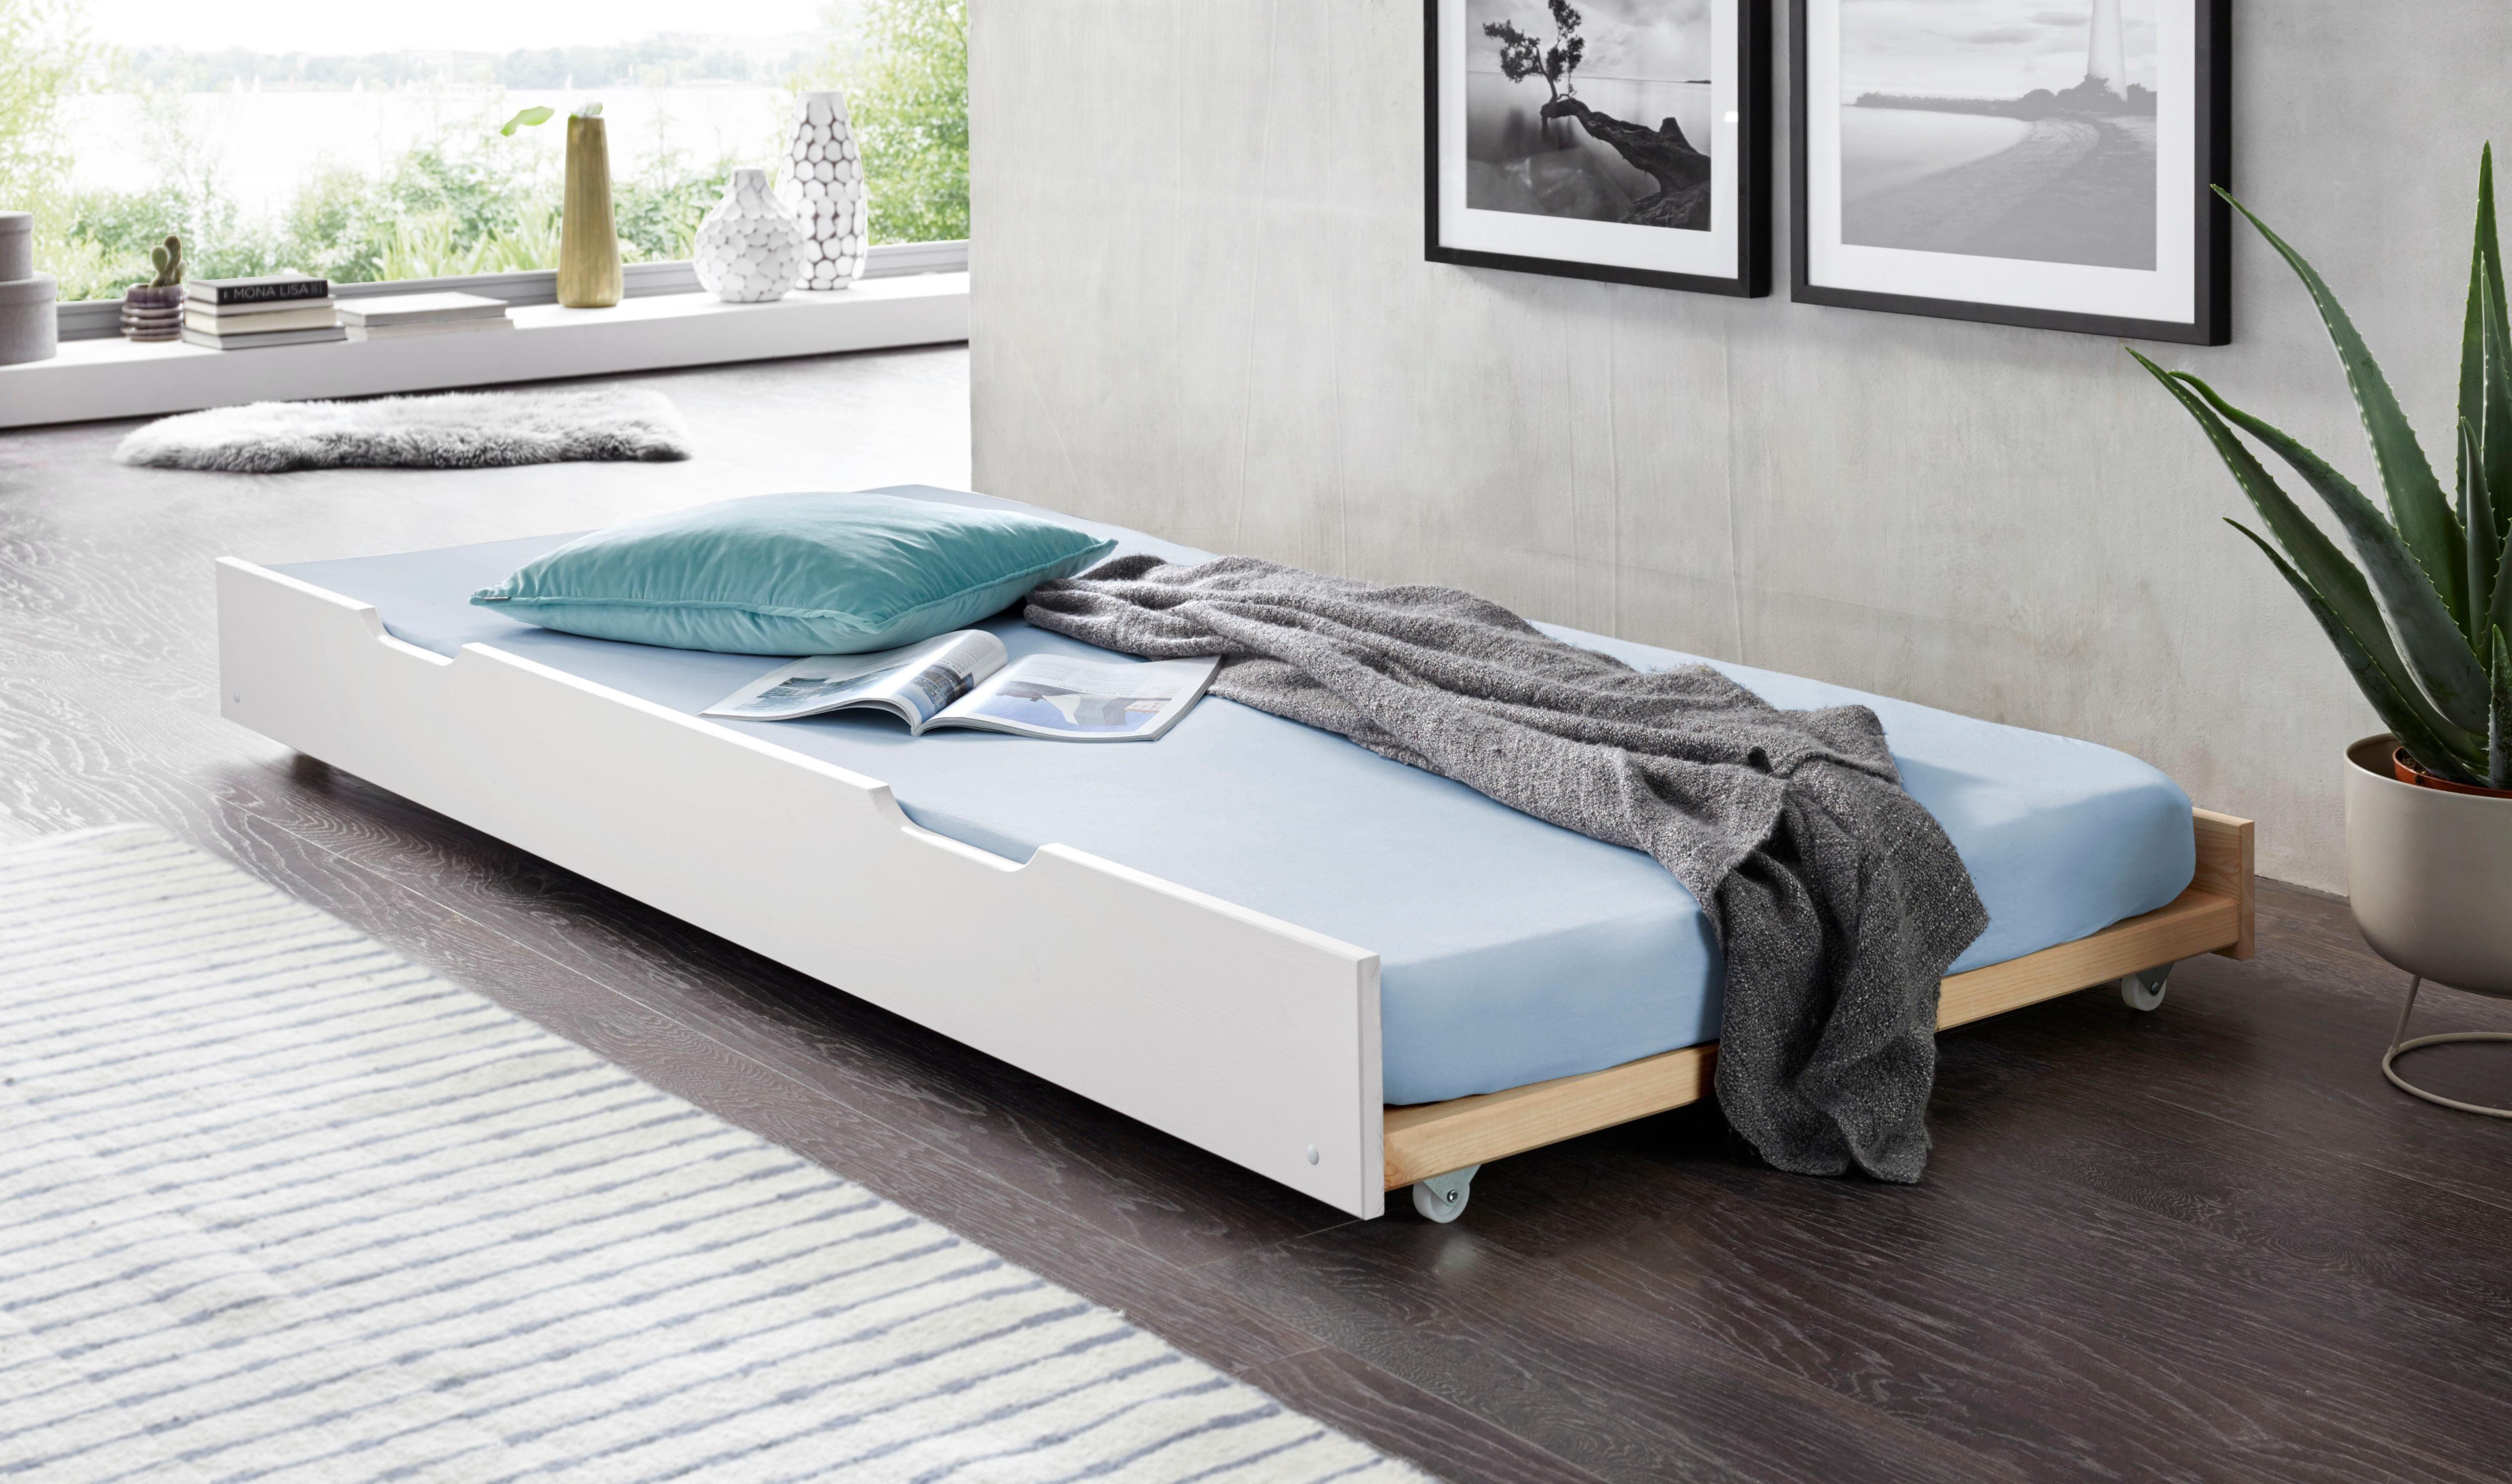 Bettschubkasten als 2. Schlafgelegenheit